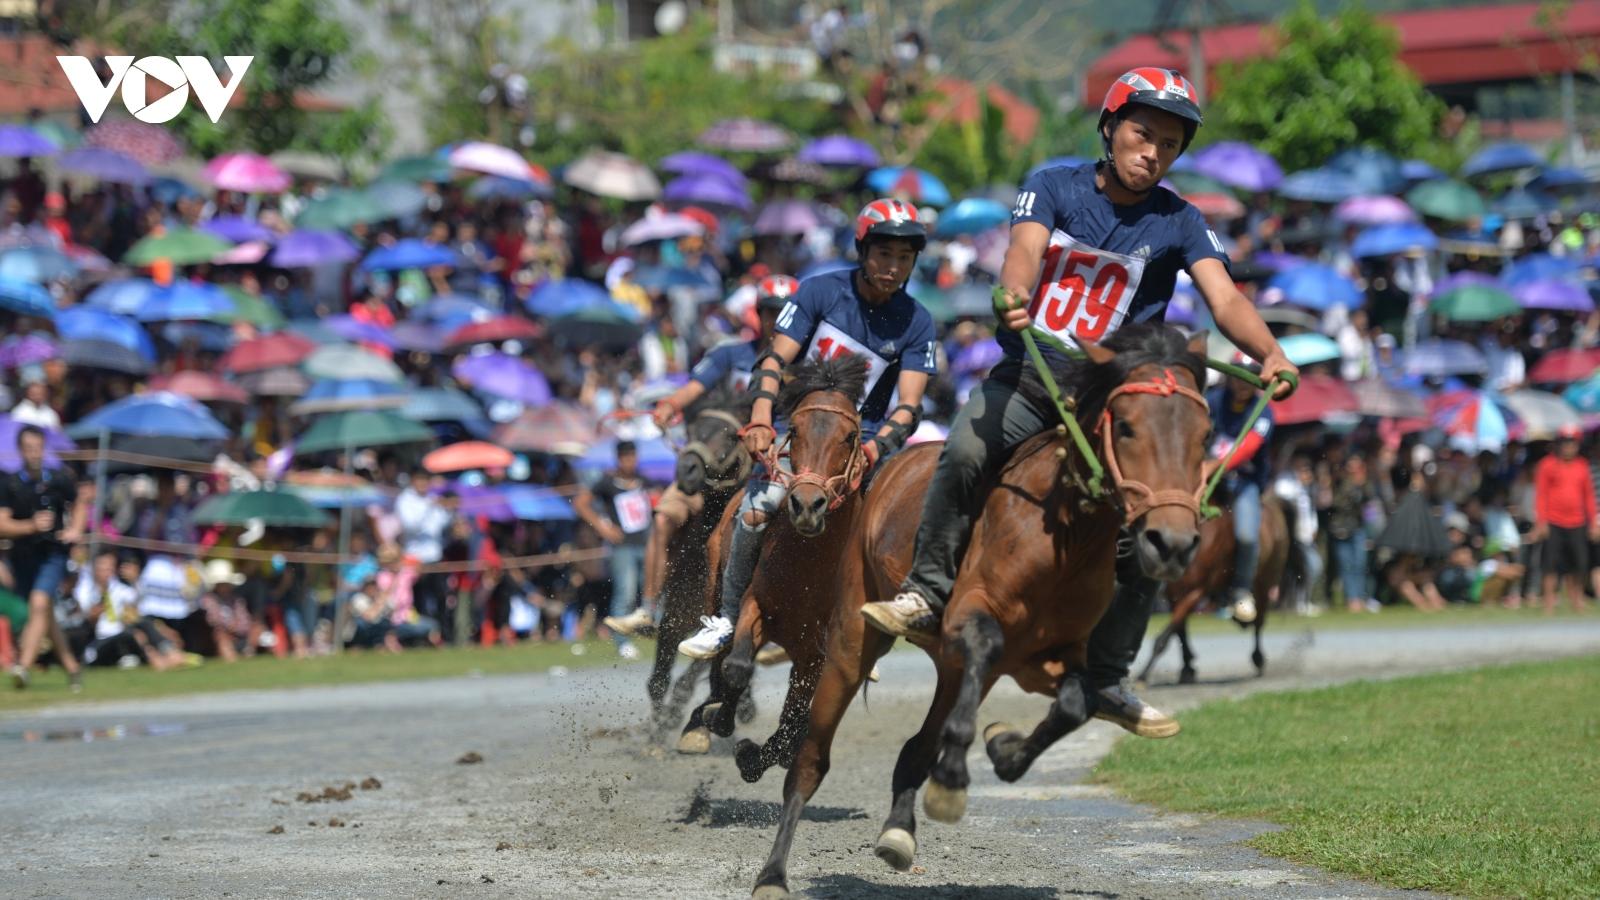 Tổ chức đua ngựa tại Lễ hội mùa đông Bắc Hà năm 2020